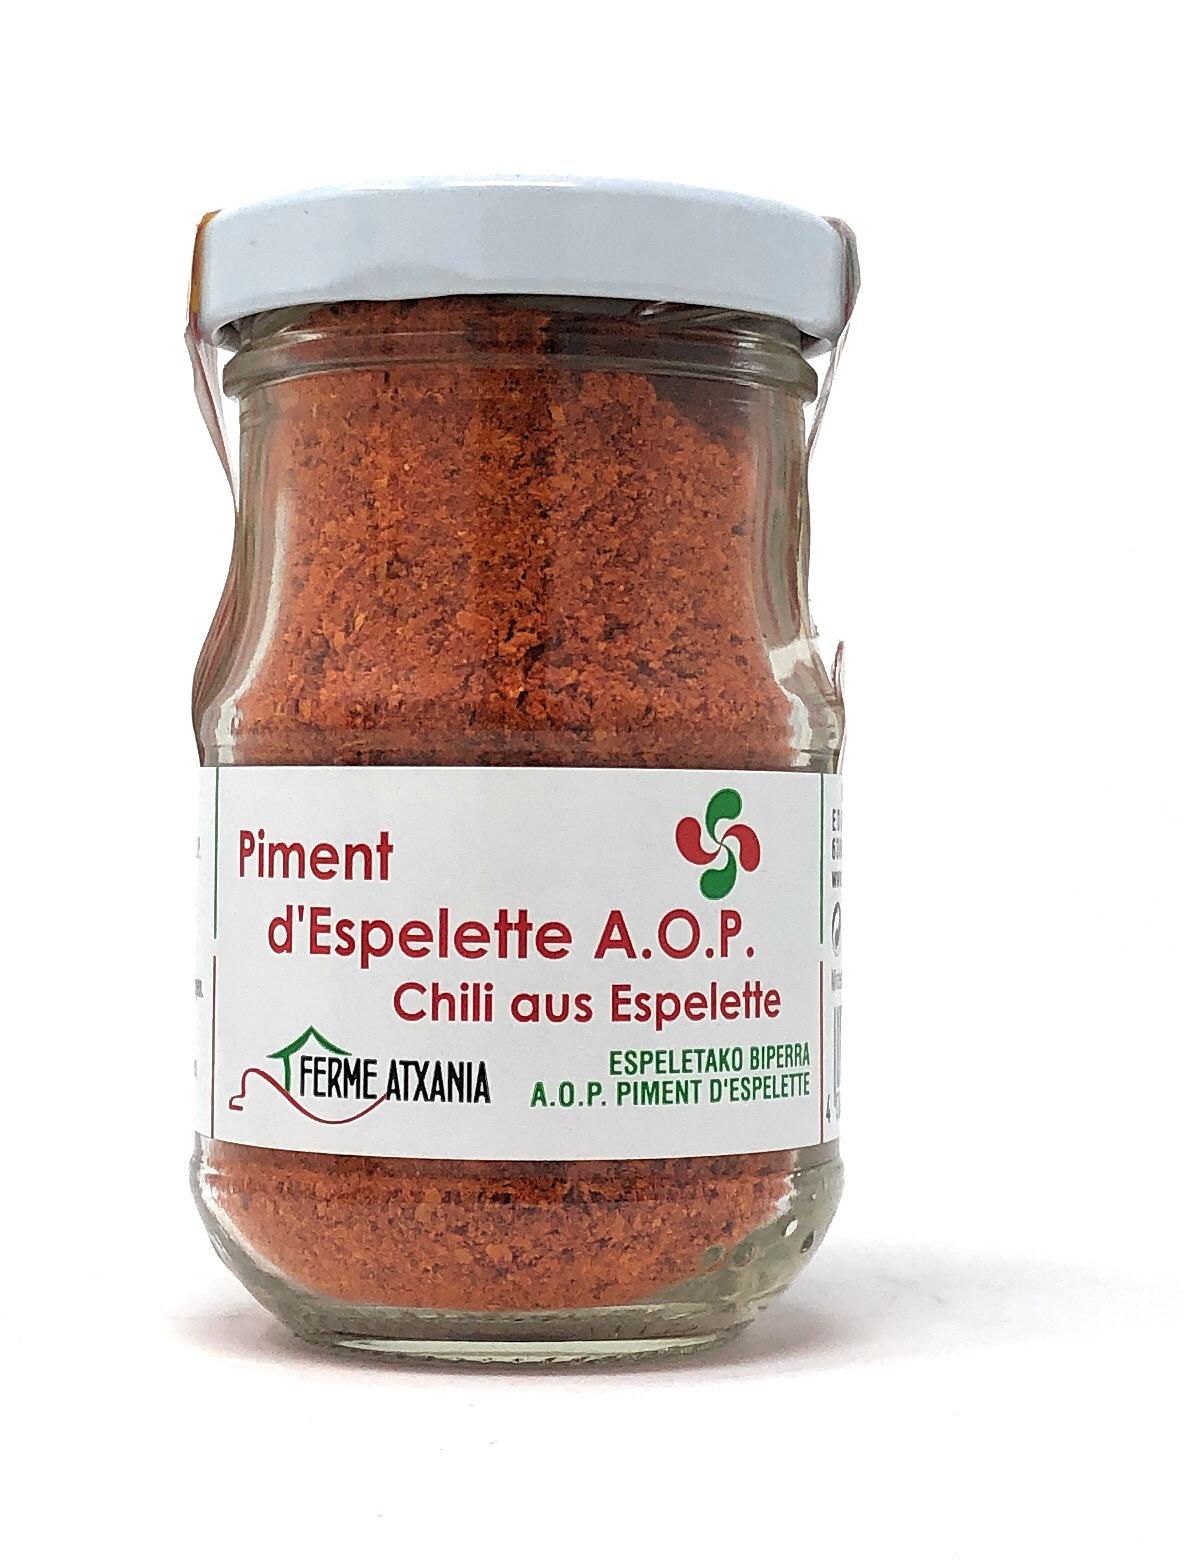 Ferme Atxania AOC Piment dEspelette 50g Glas